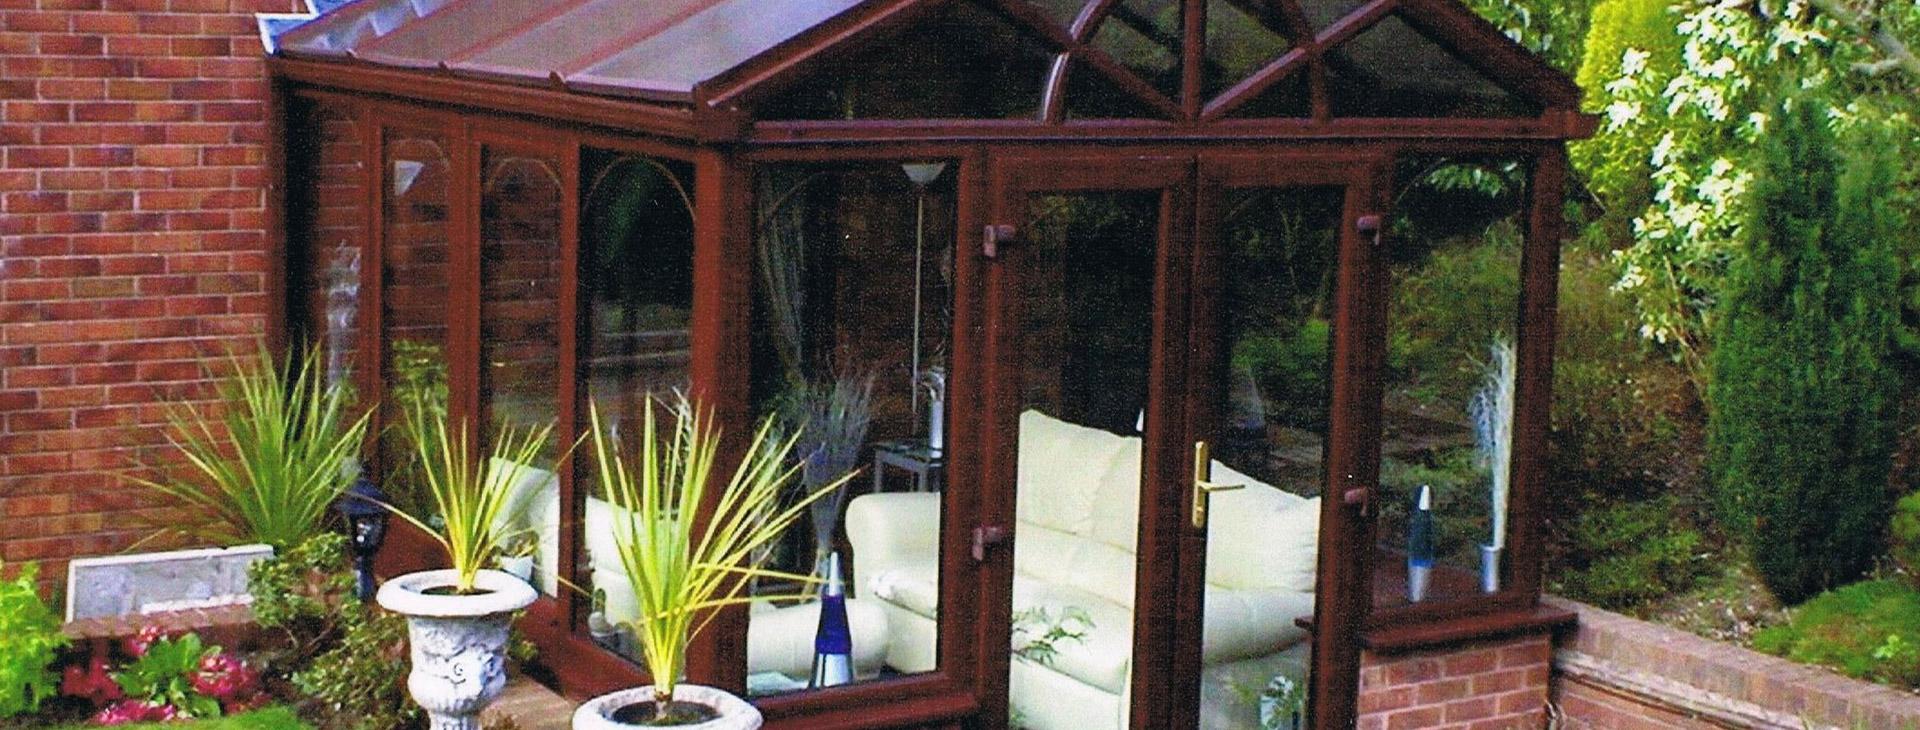 conservatories4-1920x730